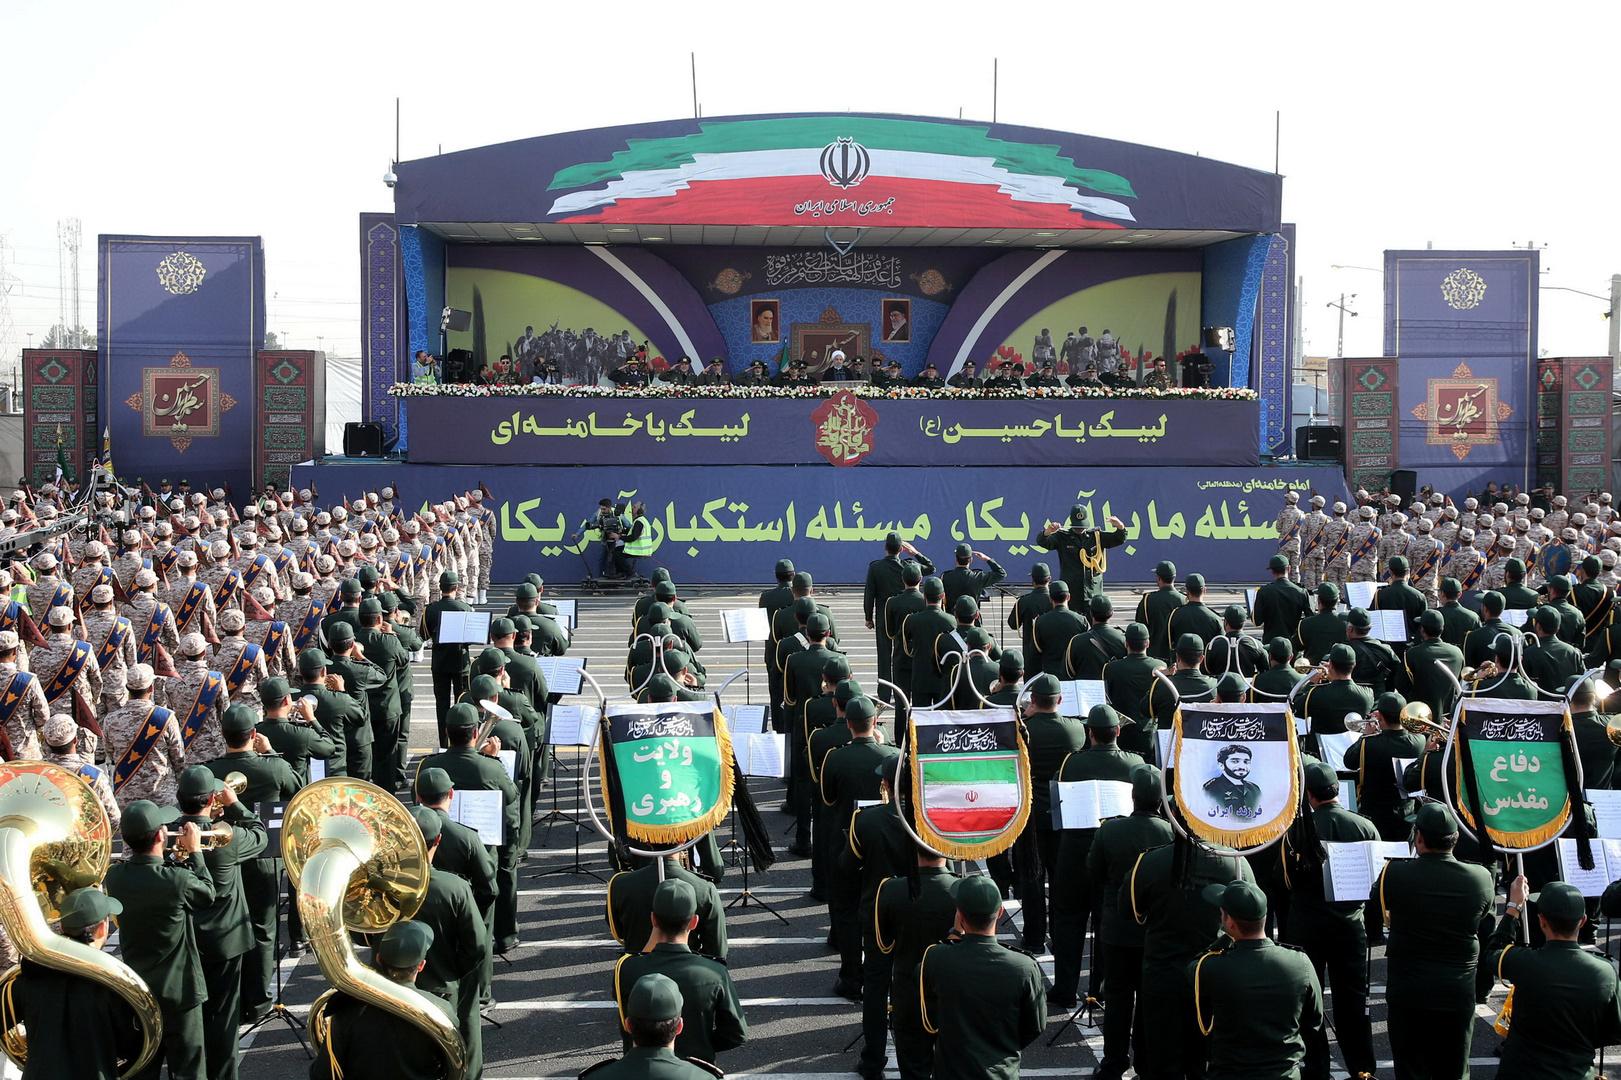 إيران تتحدث عن حياكة مؤامرة في لبنان والعراق تستهدف محور المقاومة